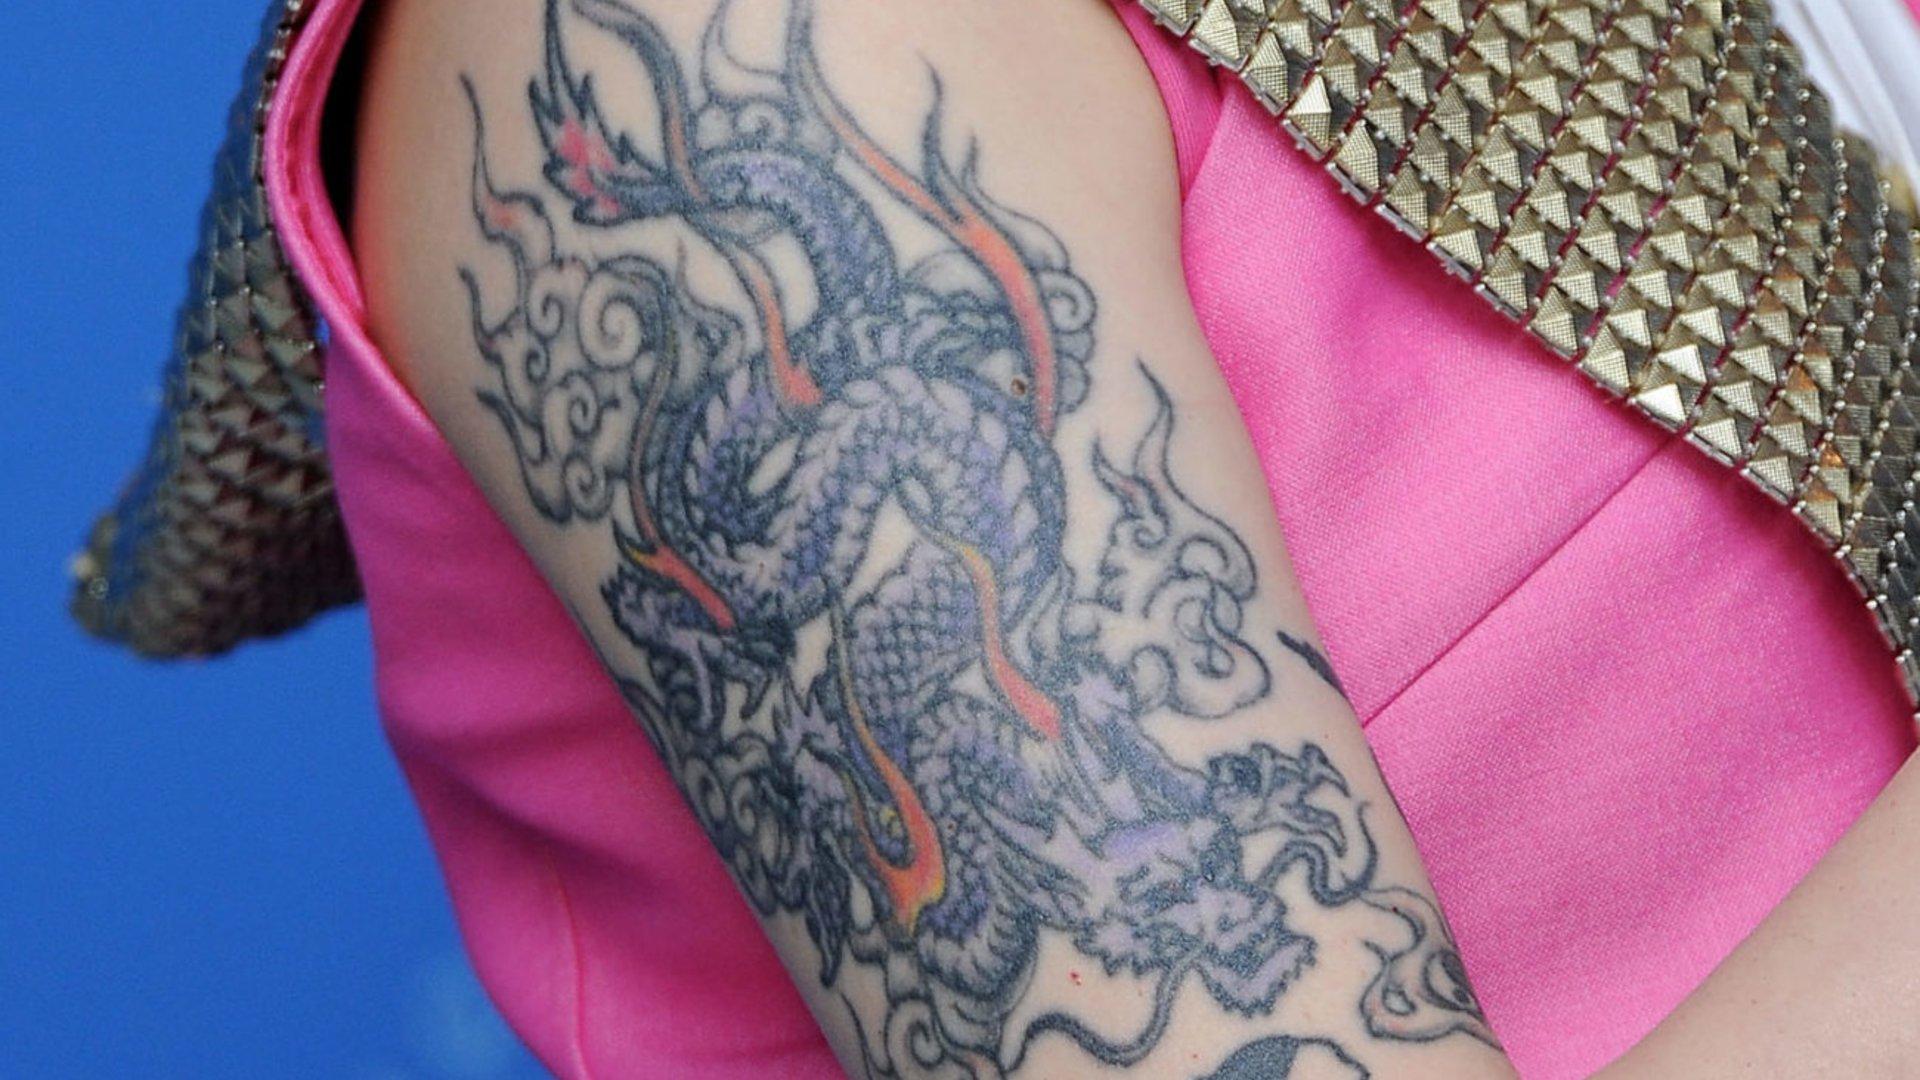 Tattoos bilder drachen tatoo vorlagen